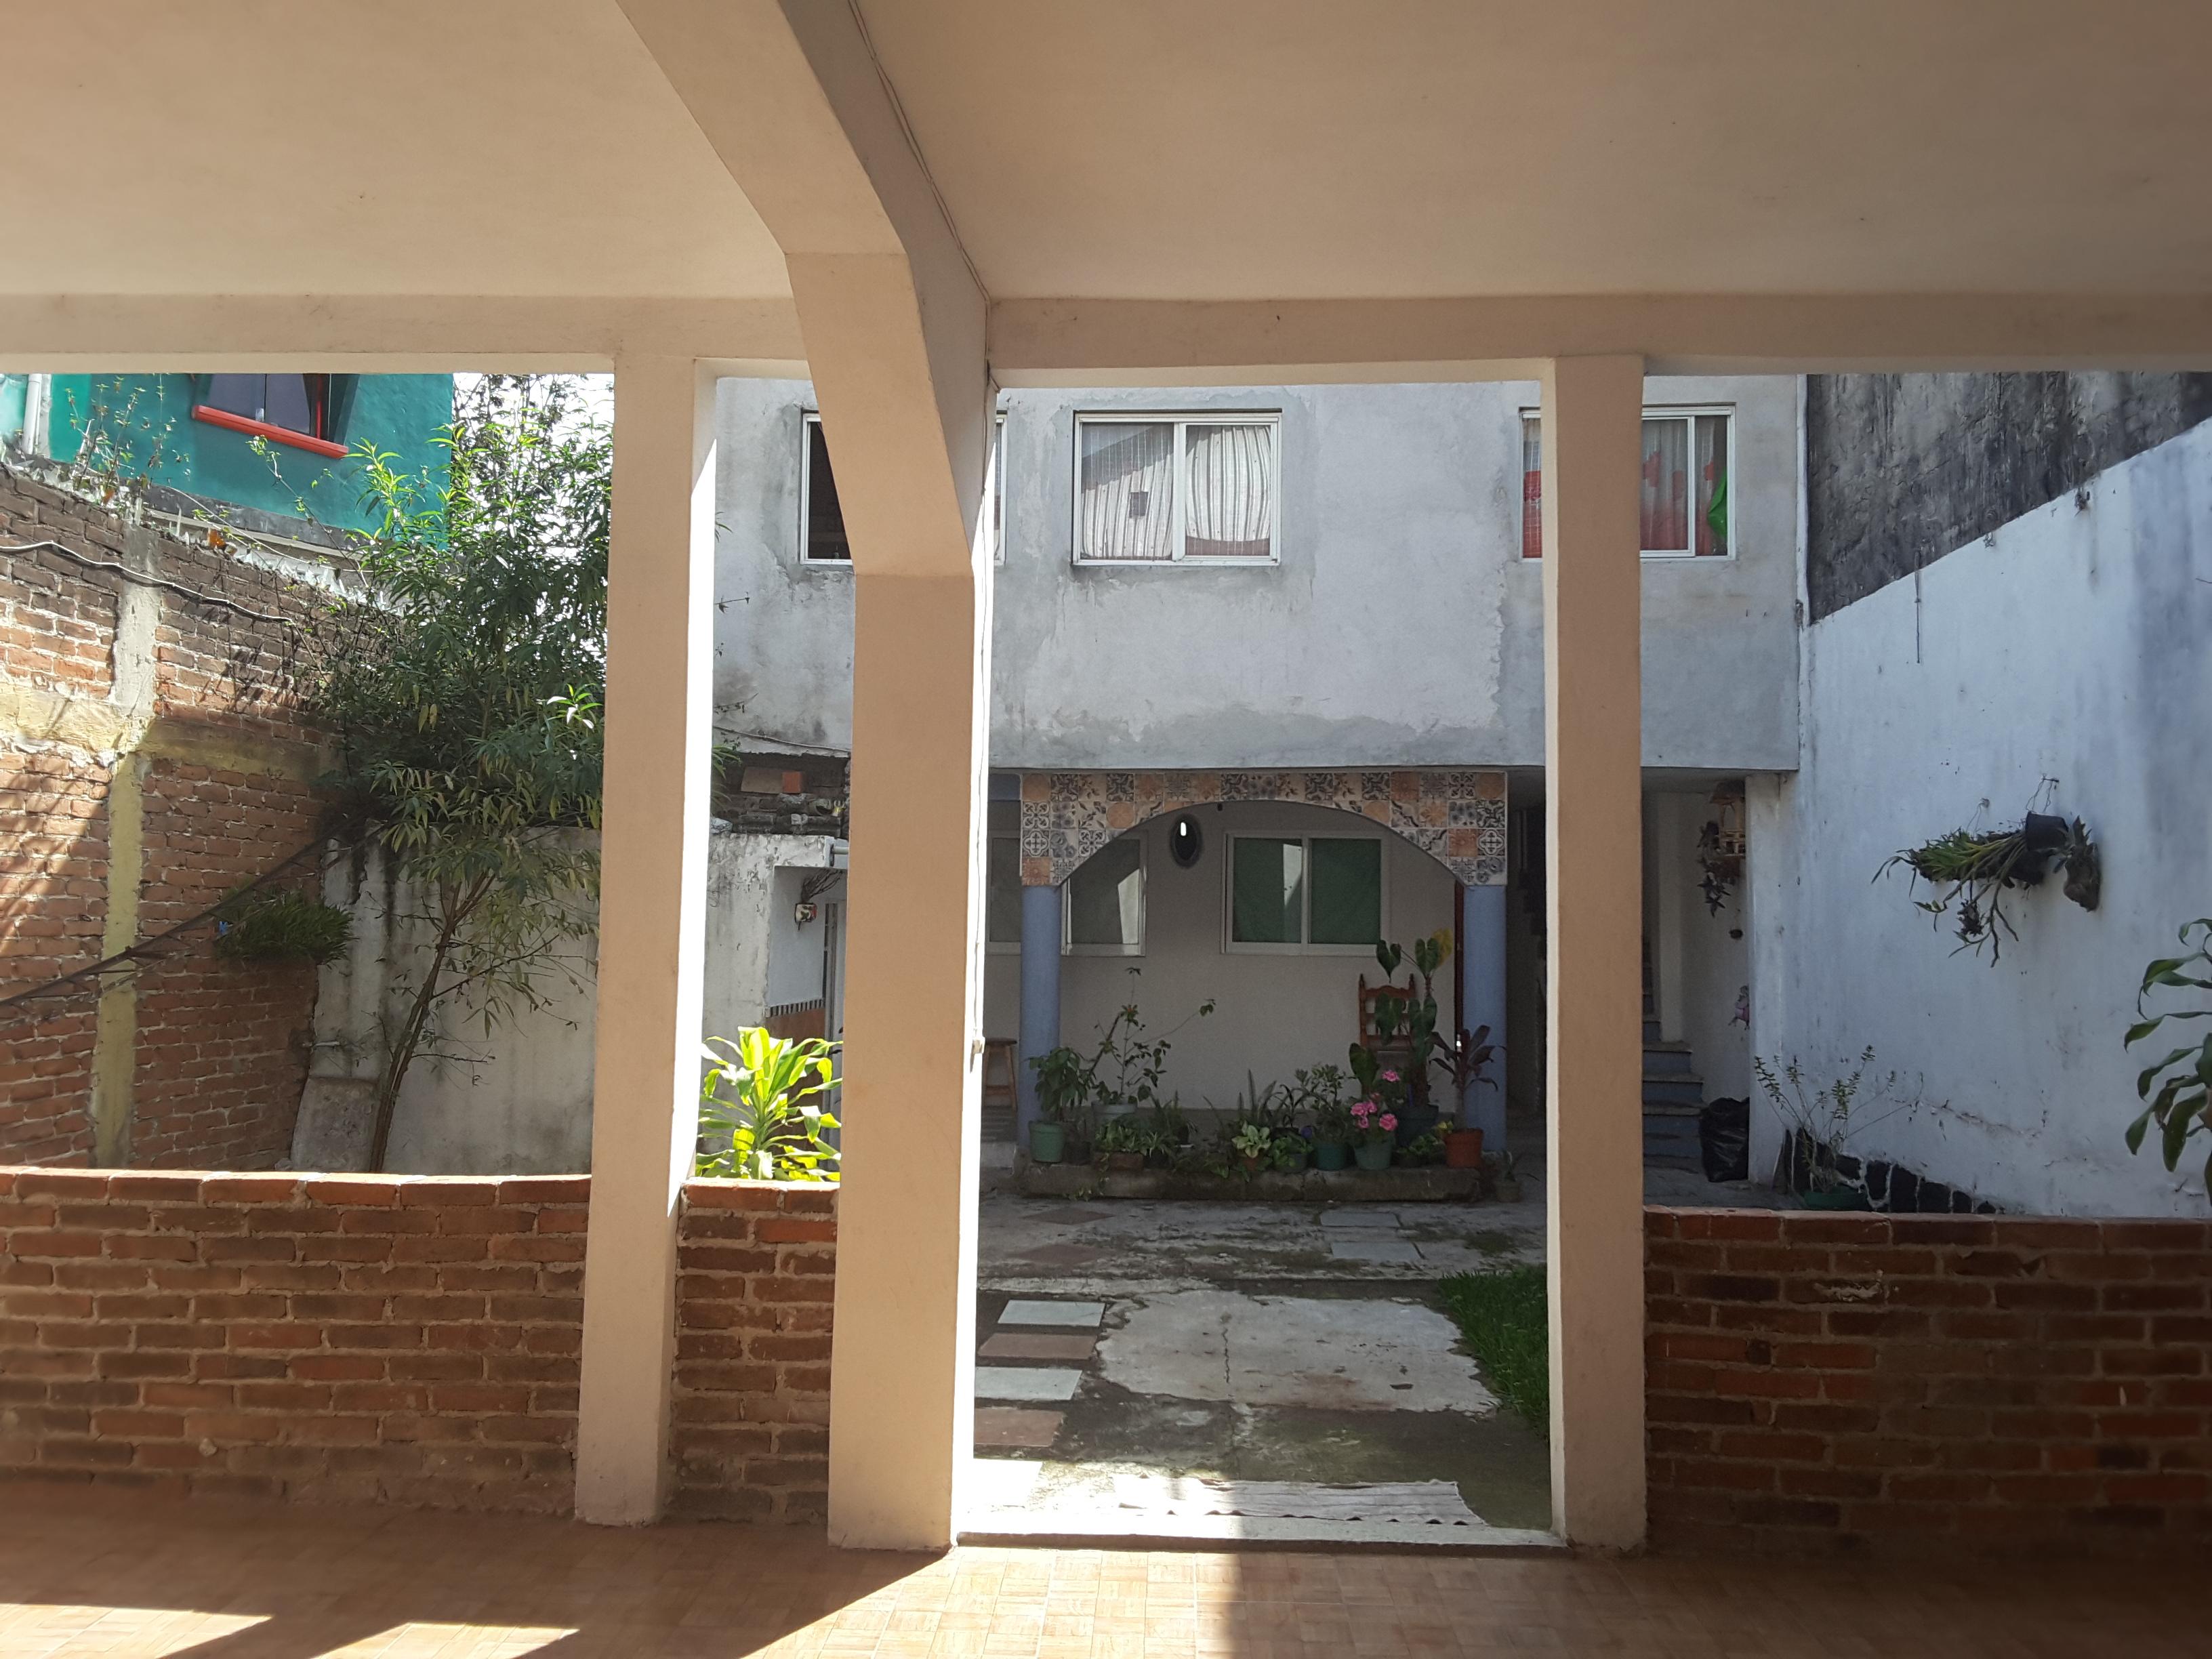 CASA EN VENTA A 5 MTS DE AV. LAZARO CARDENAS XALAPA, 283 M2, 4 REC, 3 BAÑOS